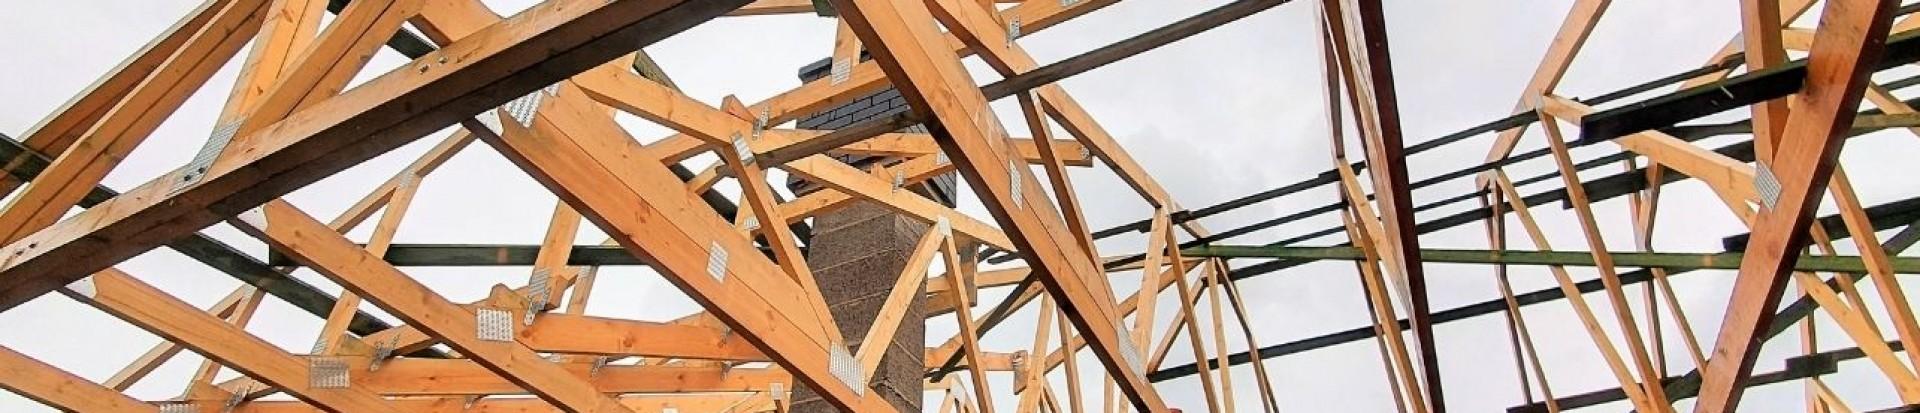 Dom jednorodzinny w miejscowości Starowa Góra - dalszy ciąg realizacji konstrukcji dachu